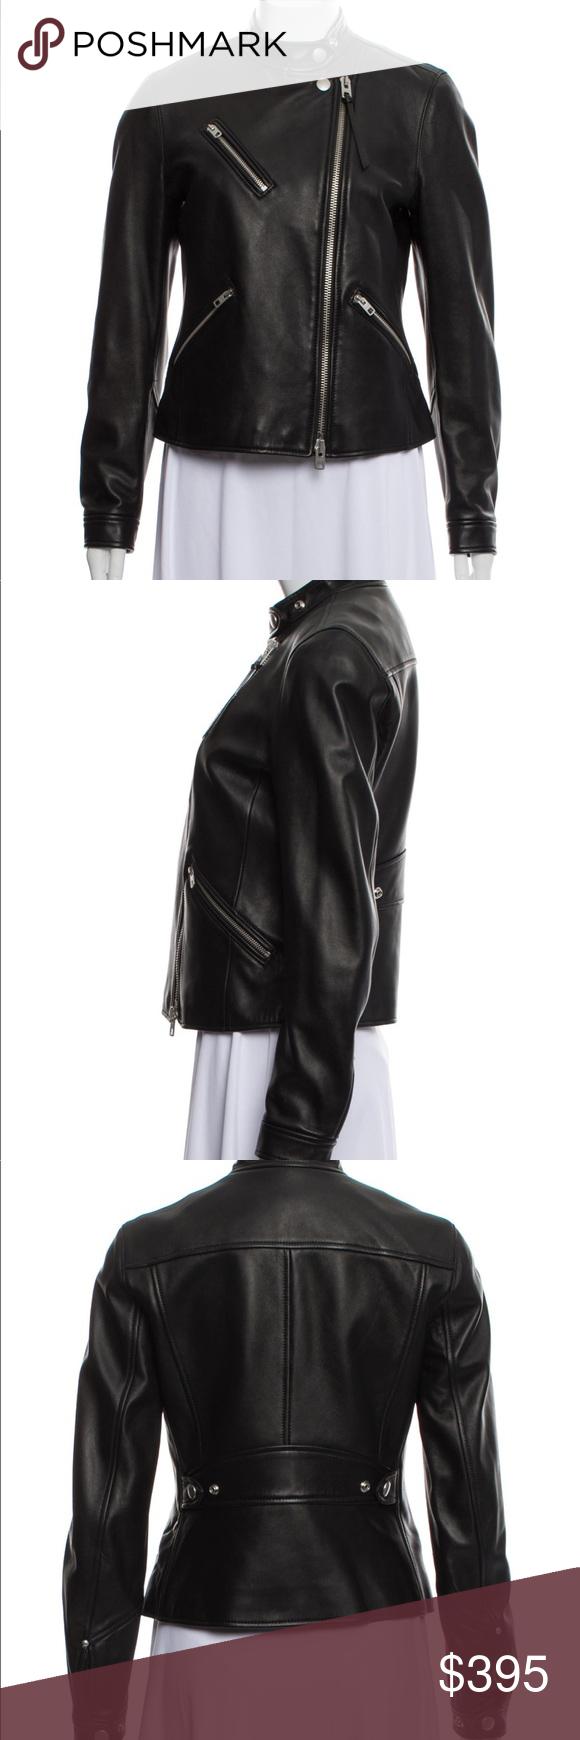 COACH Leather Biker Jacket in 2020 Leather biker jacket